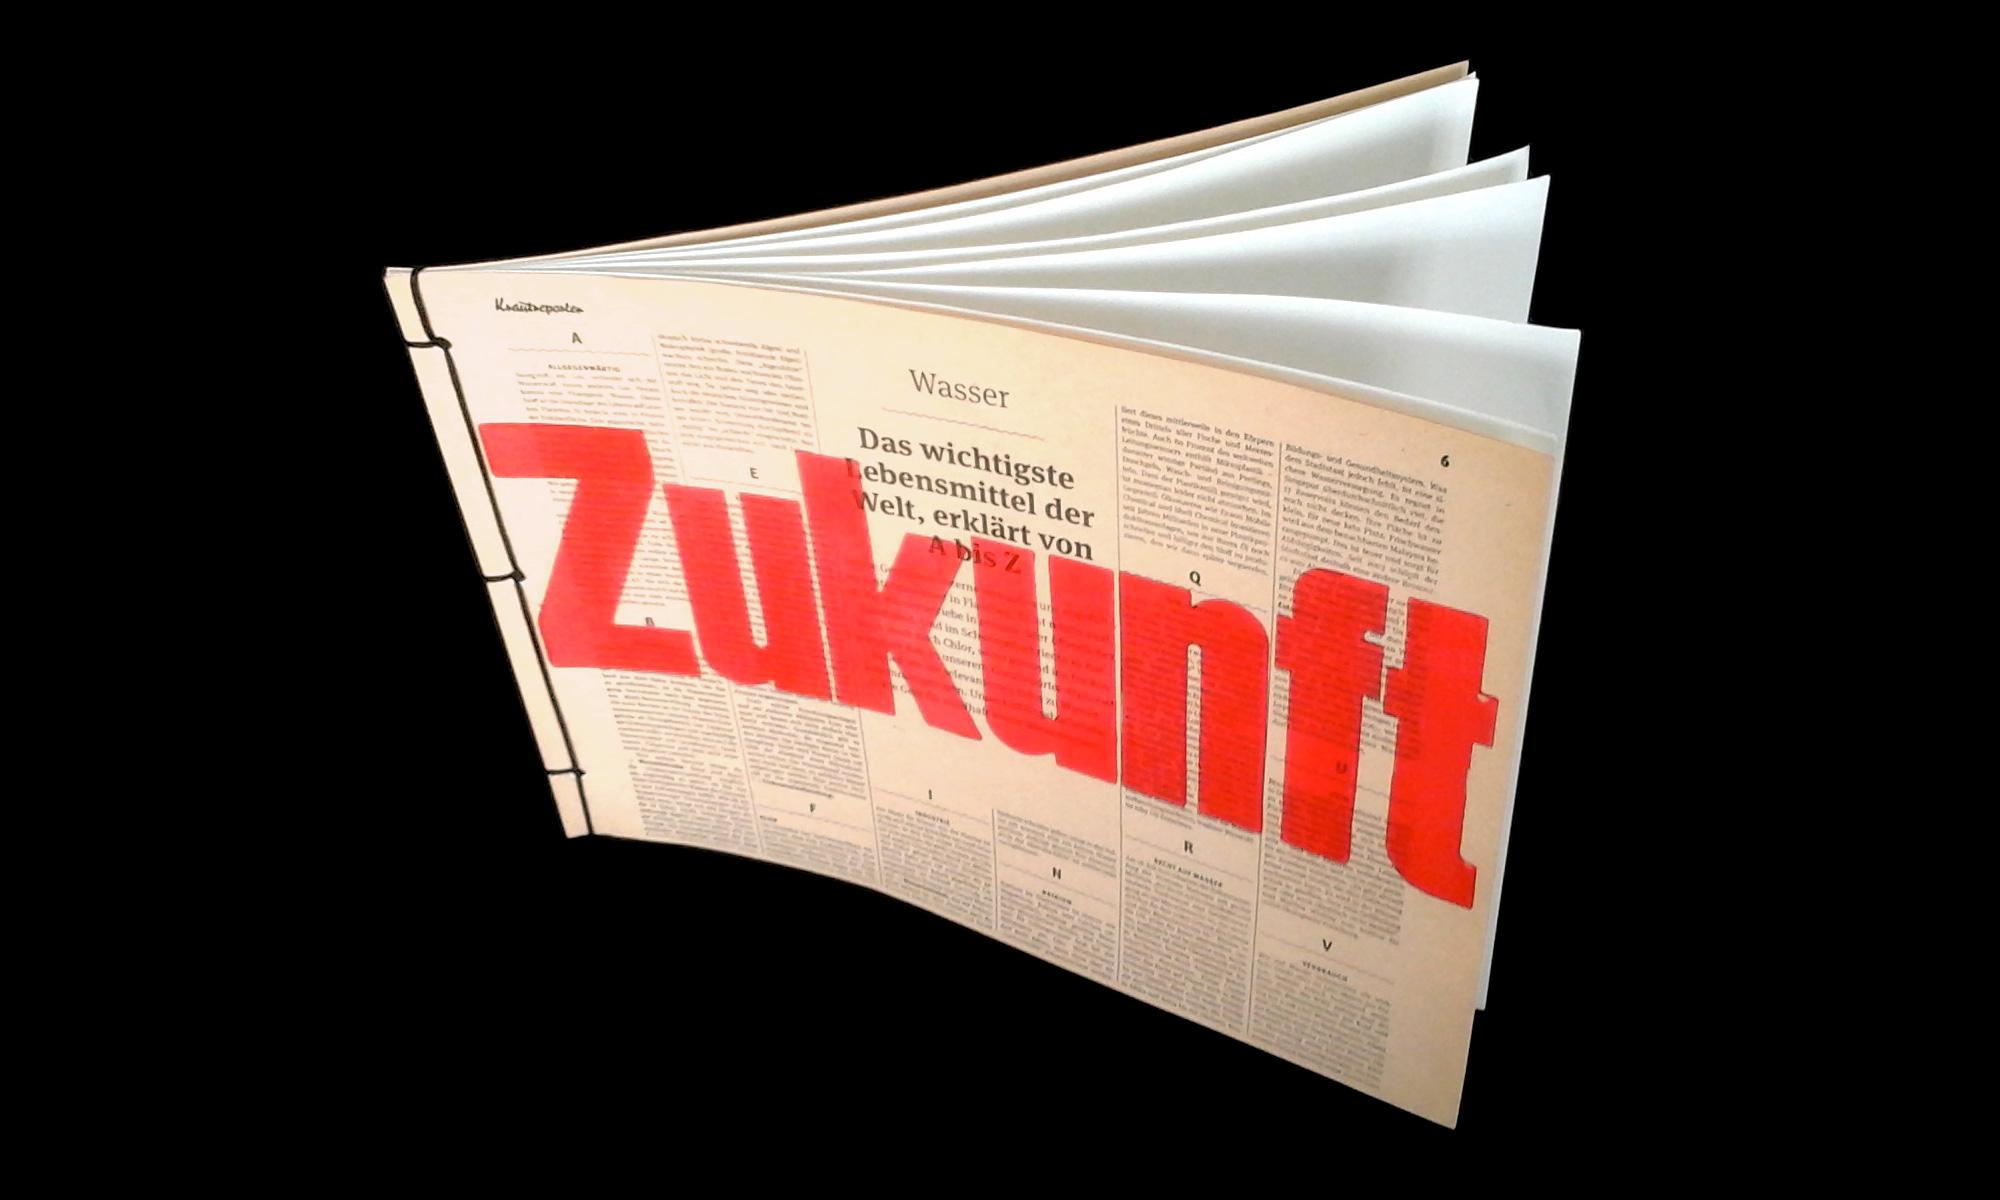 JiMonLine | Buchdruckwerkstatt: Zukunft – Buch